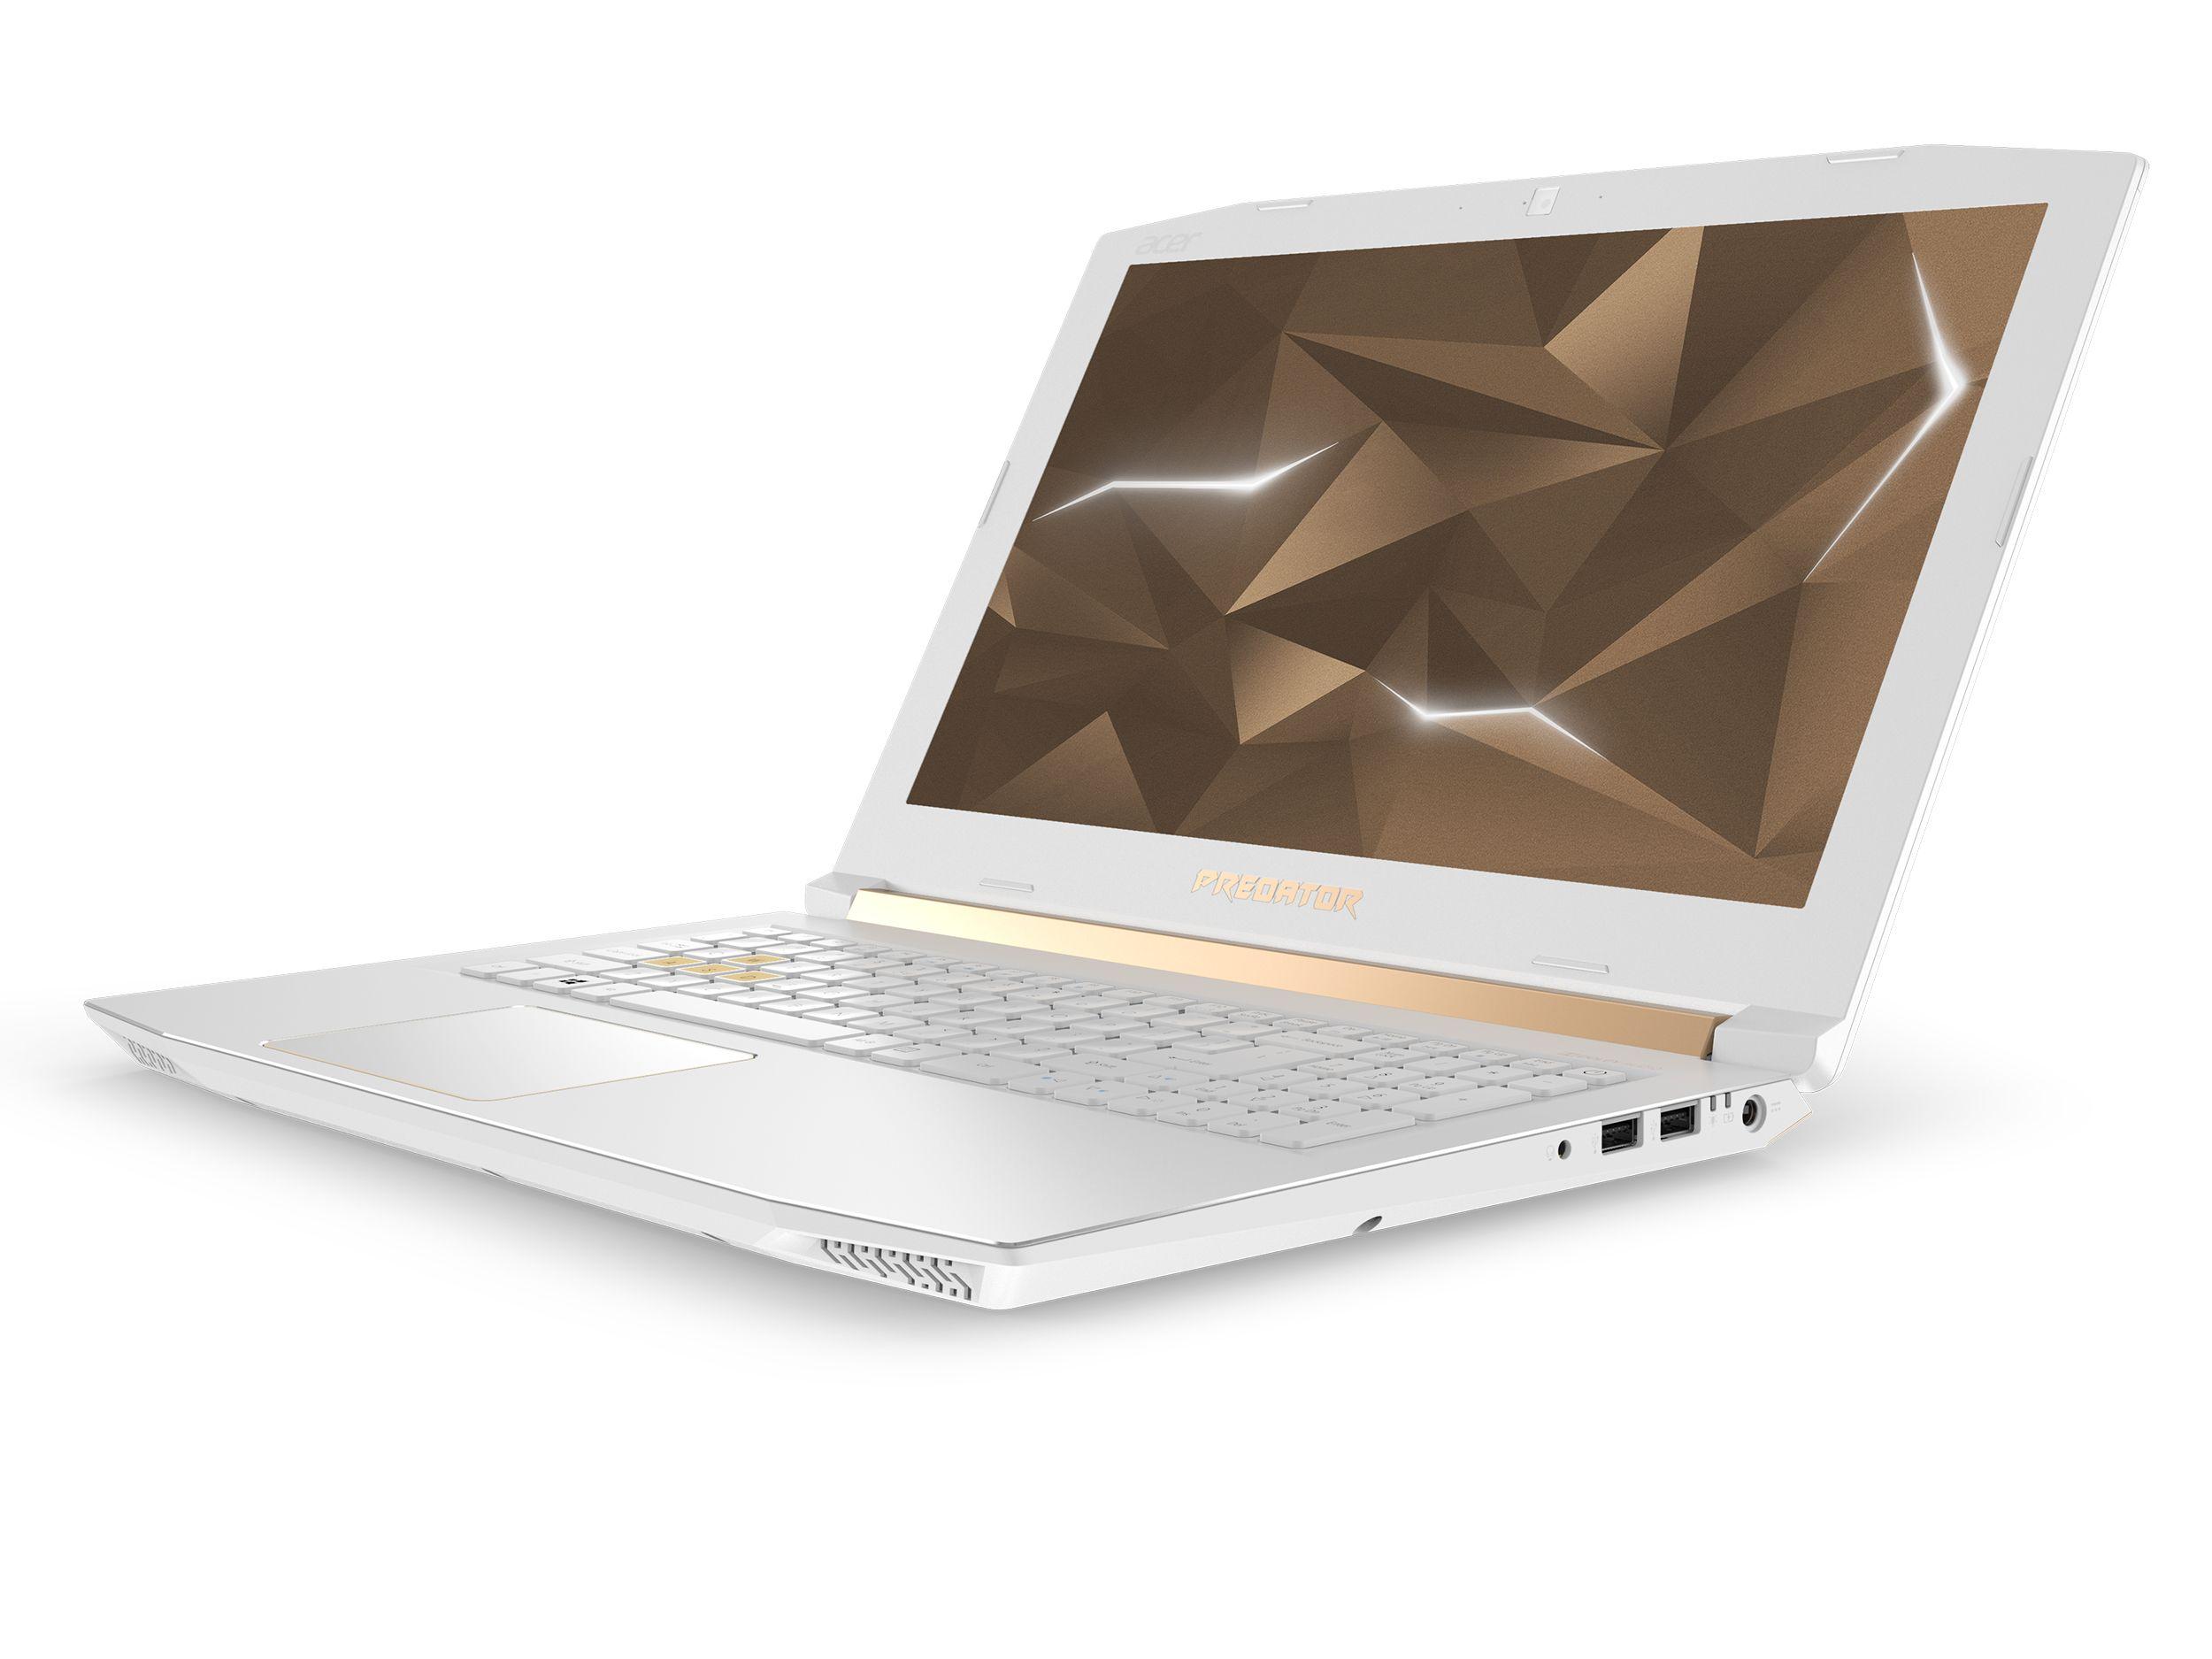 Acer Announces Gaming Predator Helios 500 & 300 Notebooks